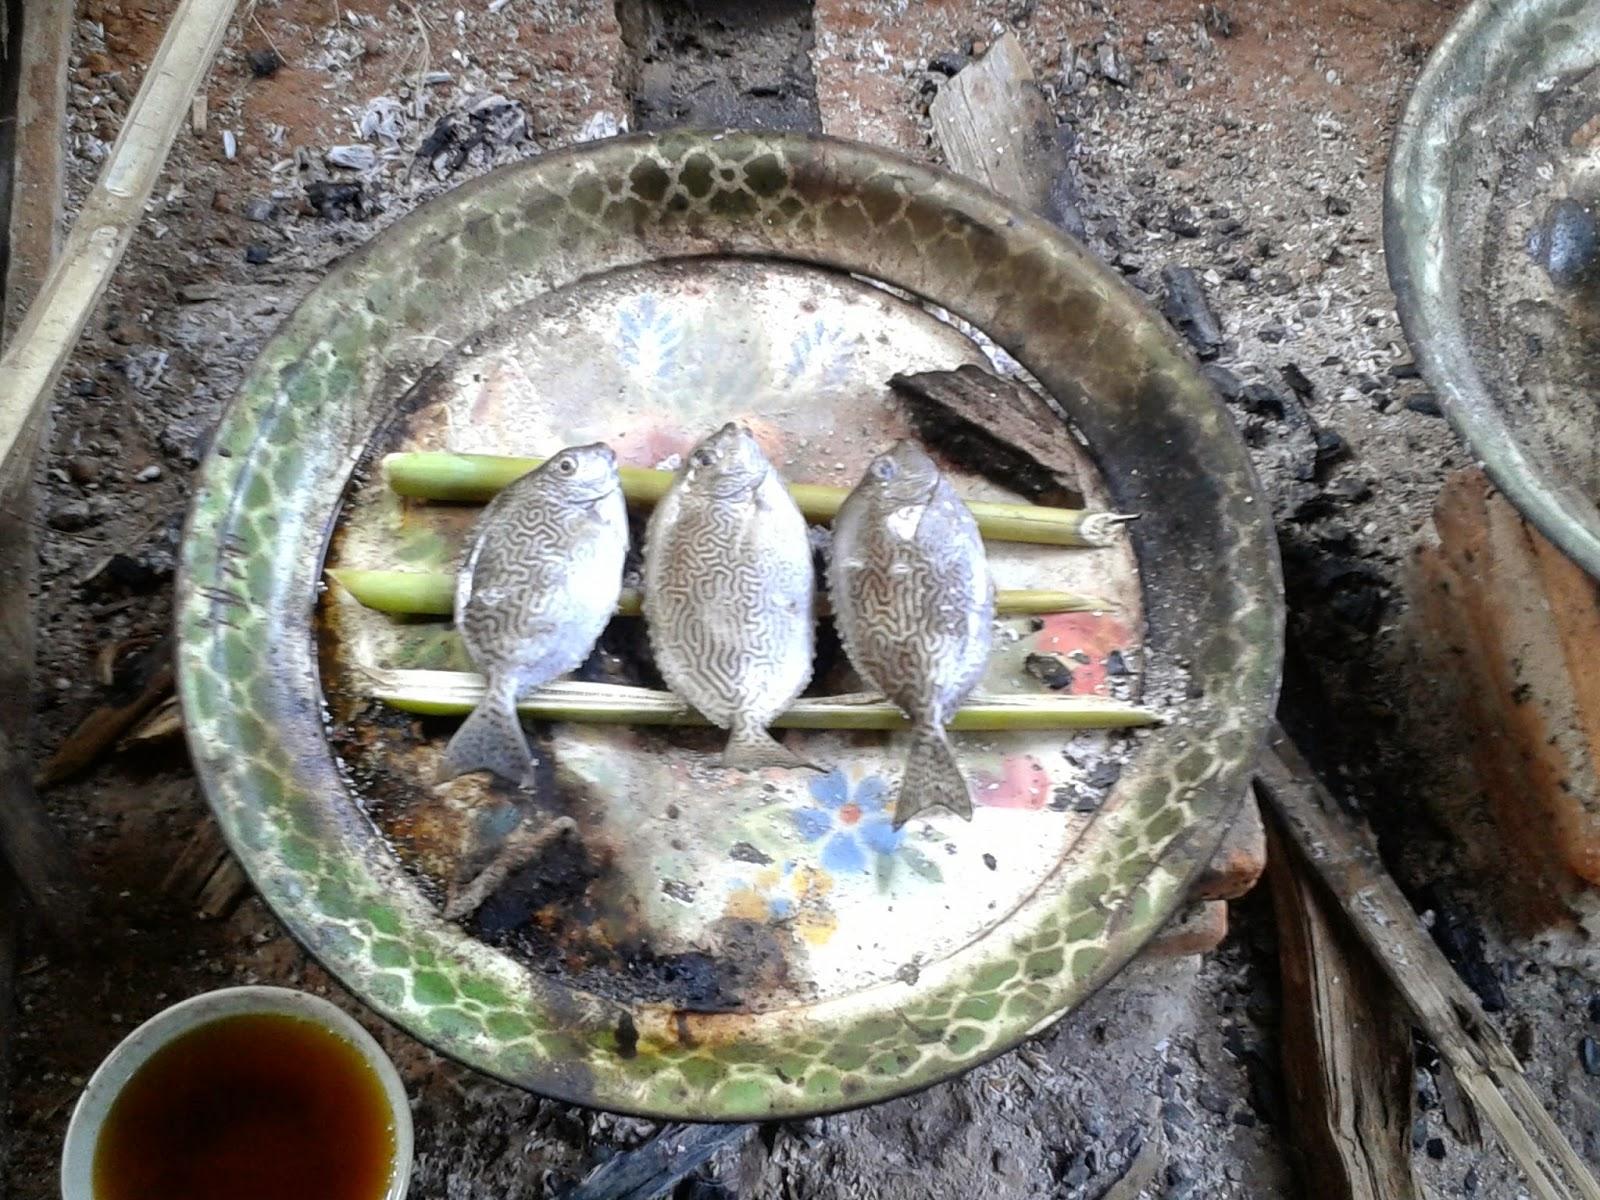 Proses pembakaran Ikan Semadar/Baronang